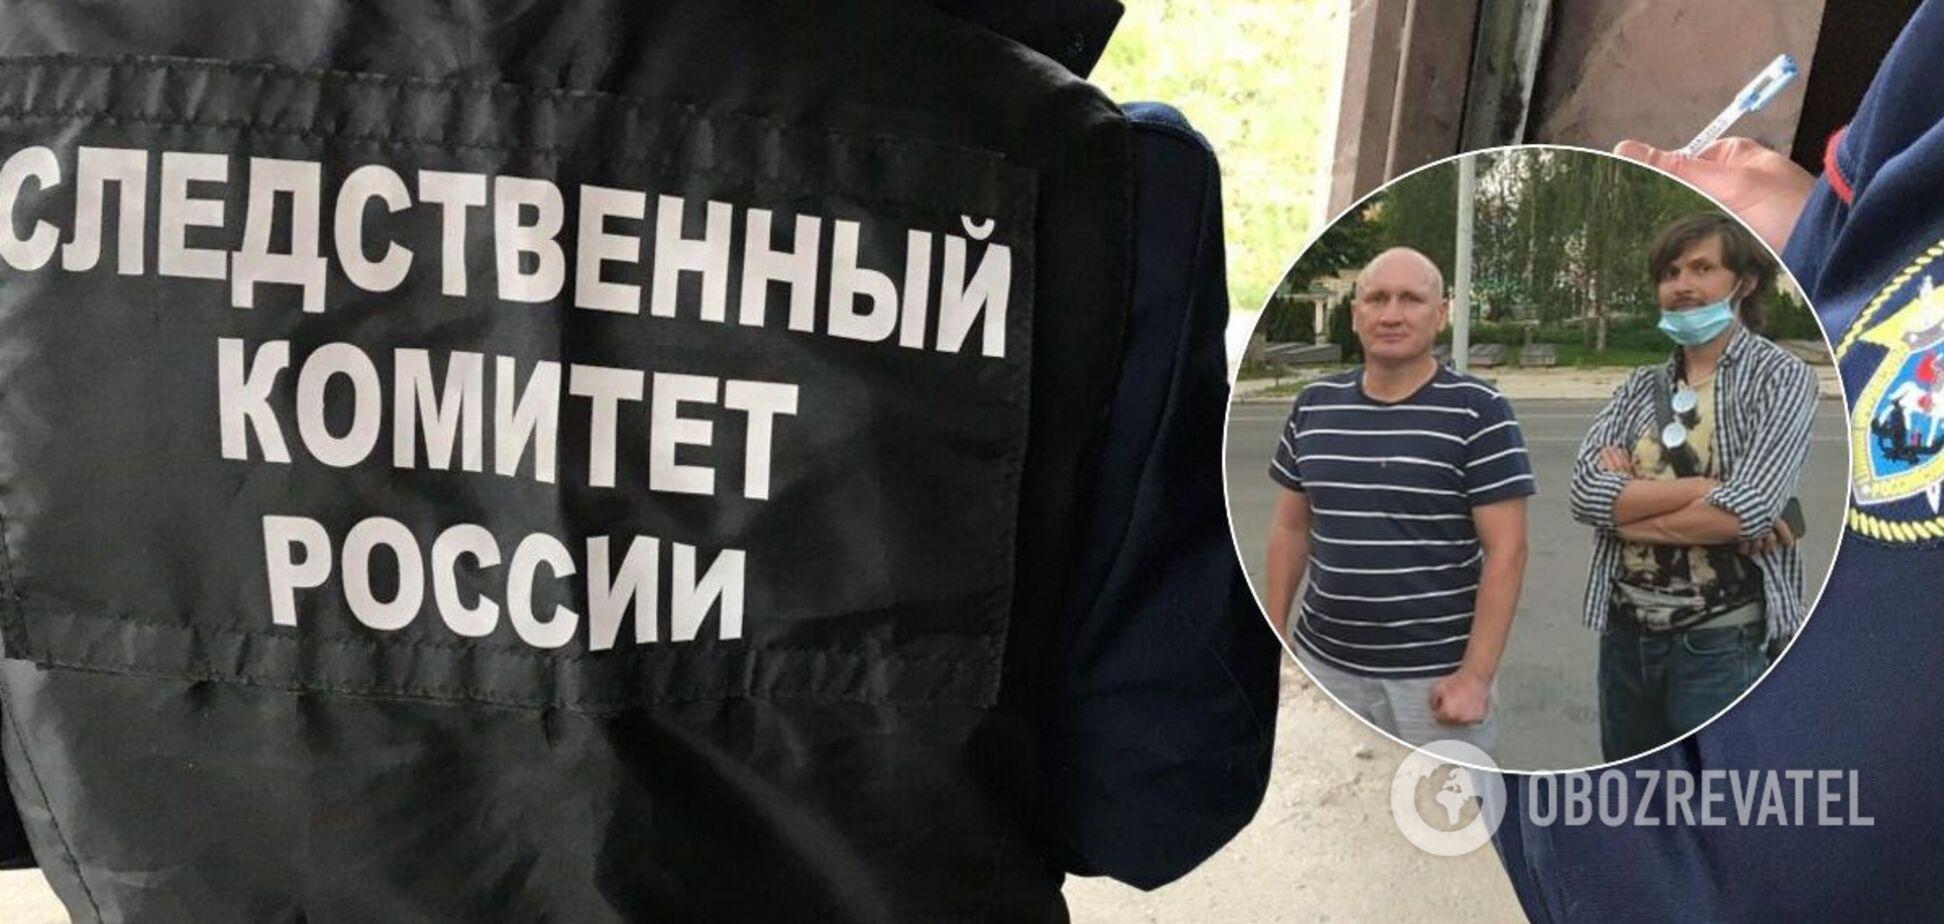 У Росії звинуватили в тероризмі комбата 'ОУН' і главу 'Чорного комітету'